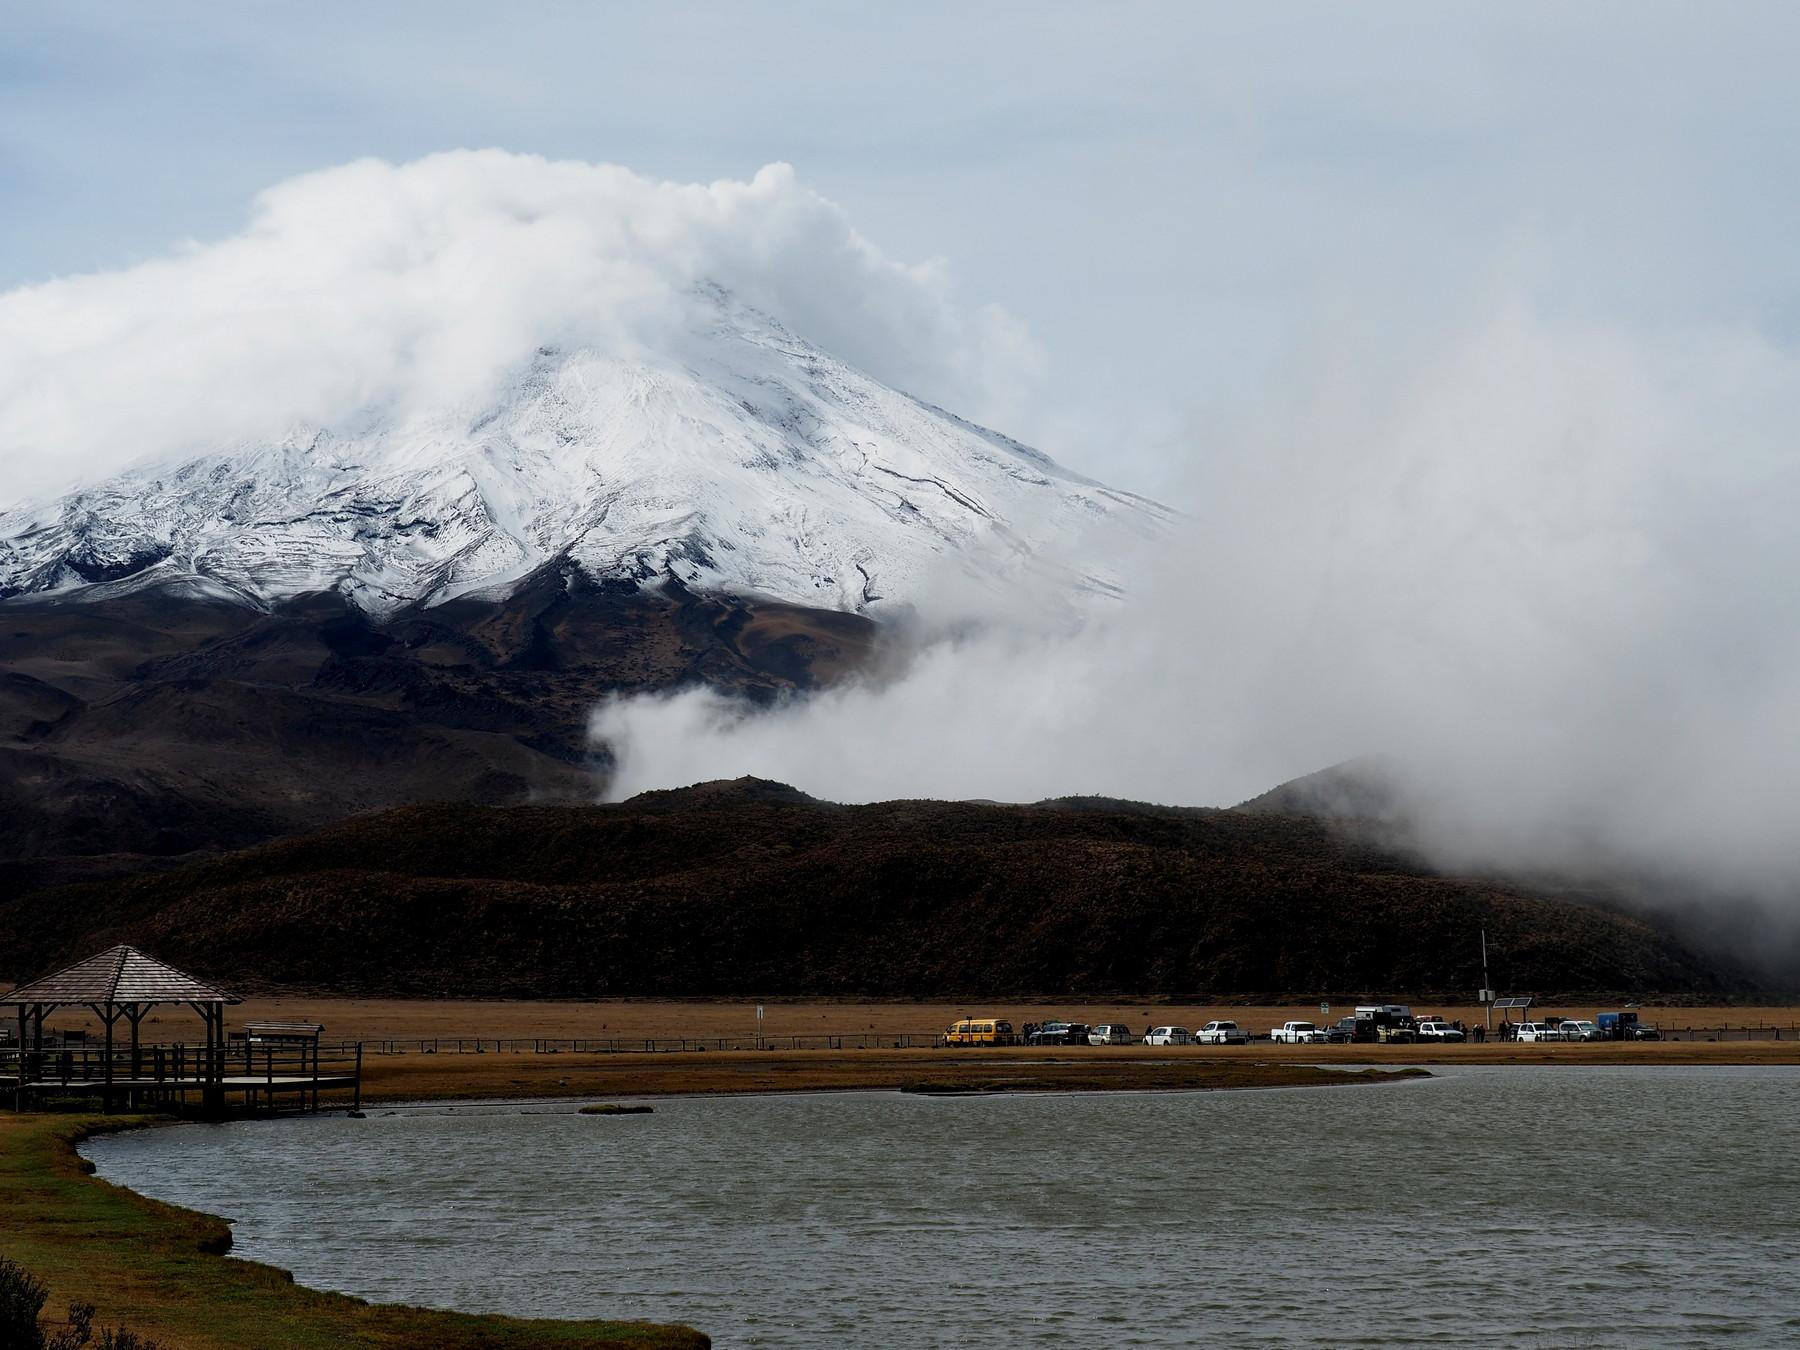 Letzter Blick auf den Vulkan